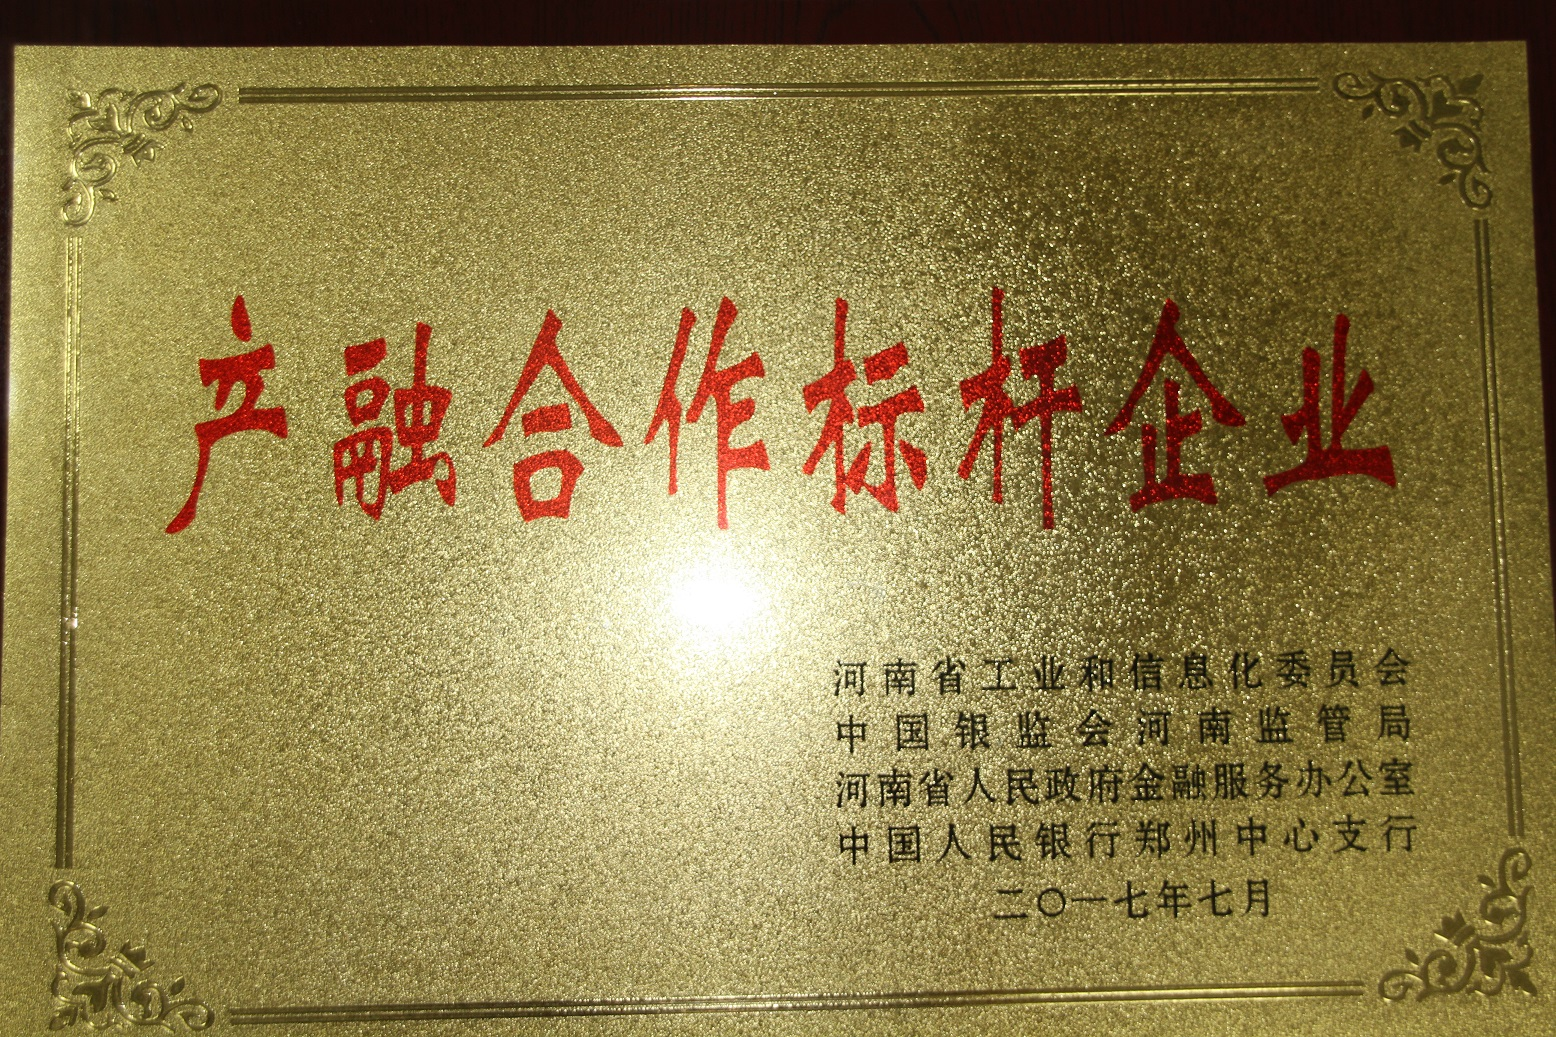 众品食业有限公司_众品食业公司获得河南省产融合作标杆企业